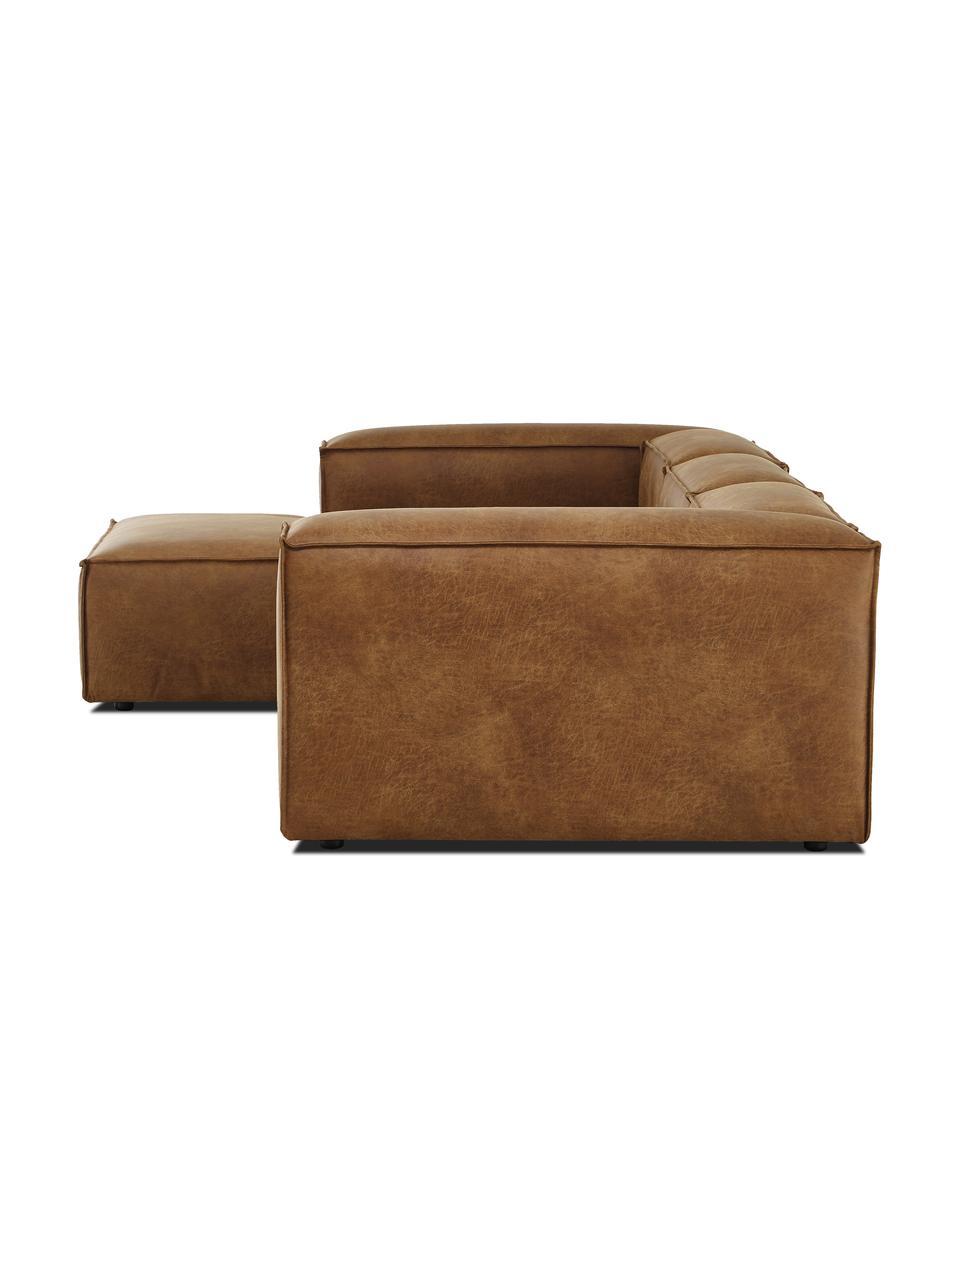 Narożna sofa modułowa ze skóry z recyklingu Lennon, Tapicerka: skóra pochodząca z recykl, Stelaż: lite drewno sosnowe, skle, Nogi: tworzywo sztuczne Nogi zn, Brązowy, S 327 x G 180 cm